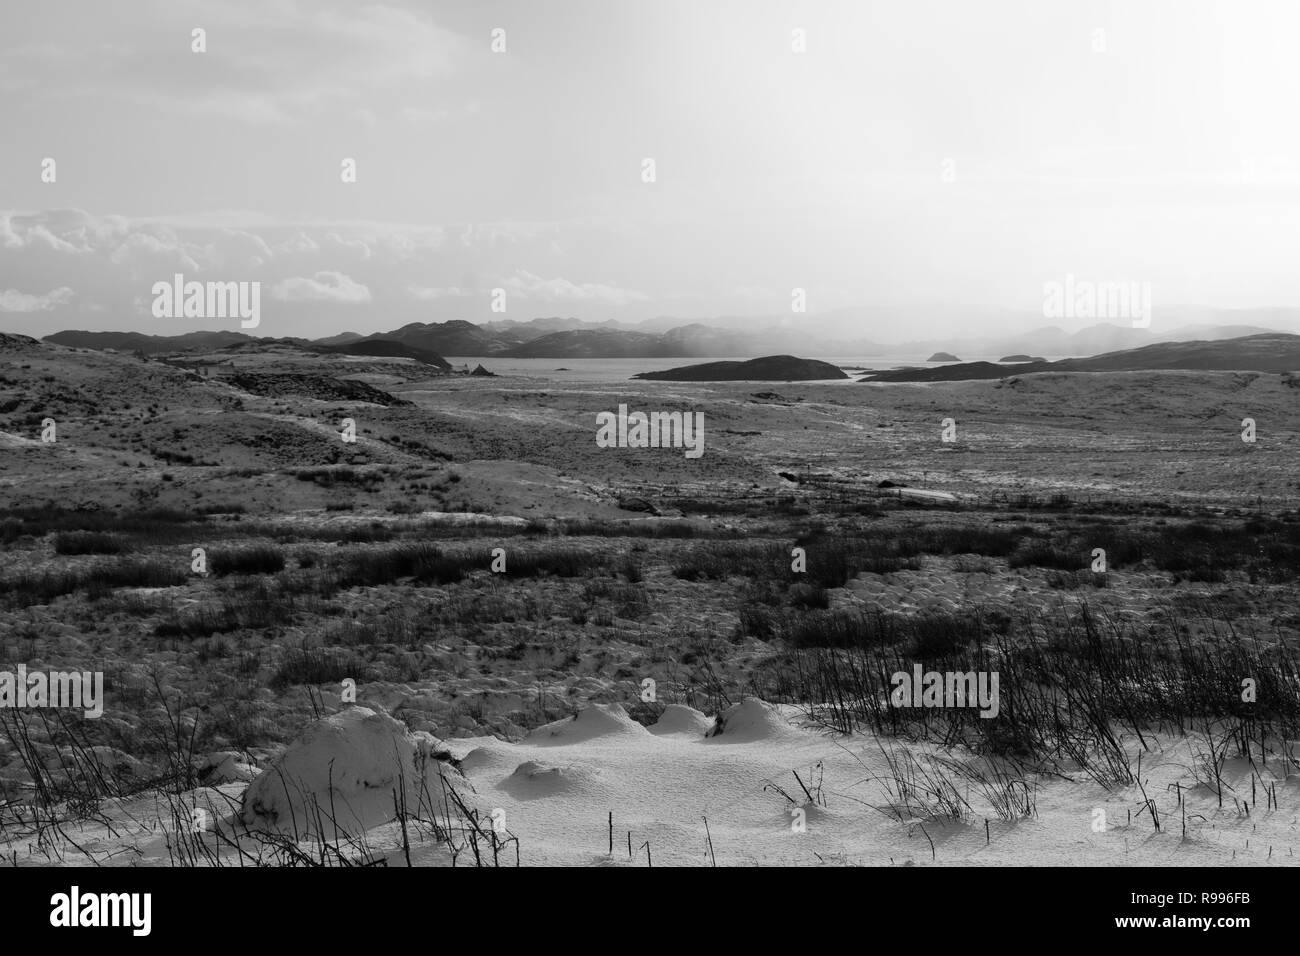 Landscape of Isle of Lewis, Outer Hebrides, Scotland, UK - Stock Image